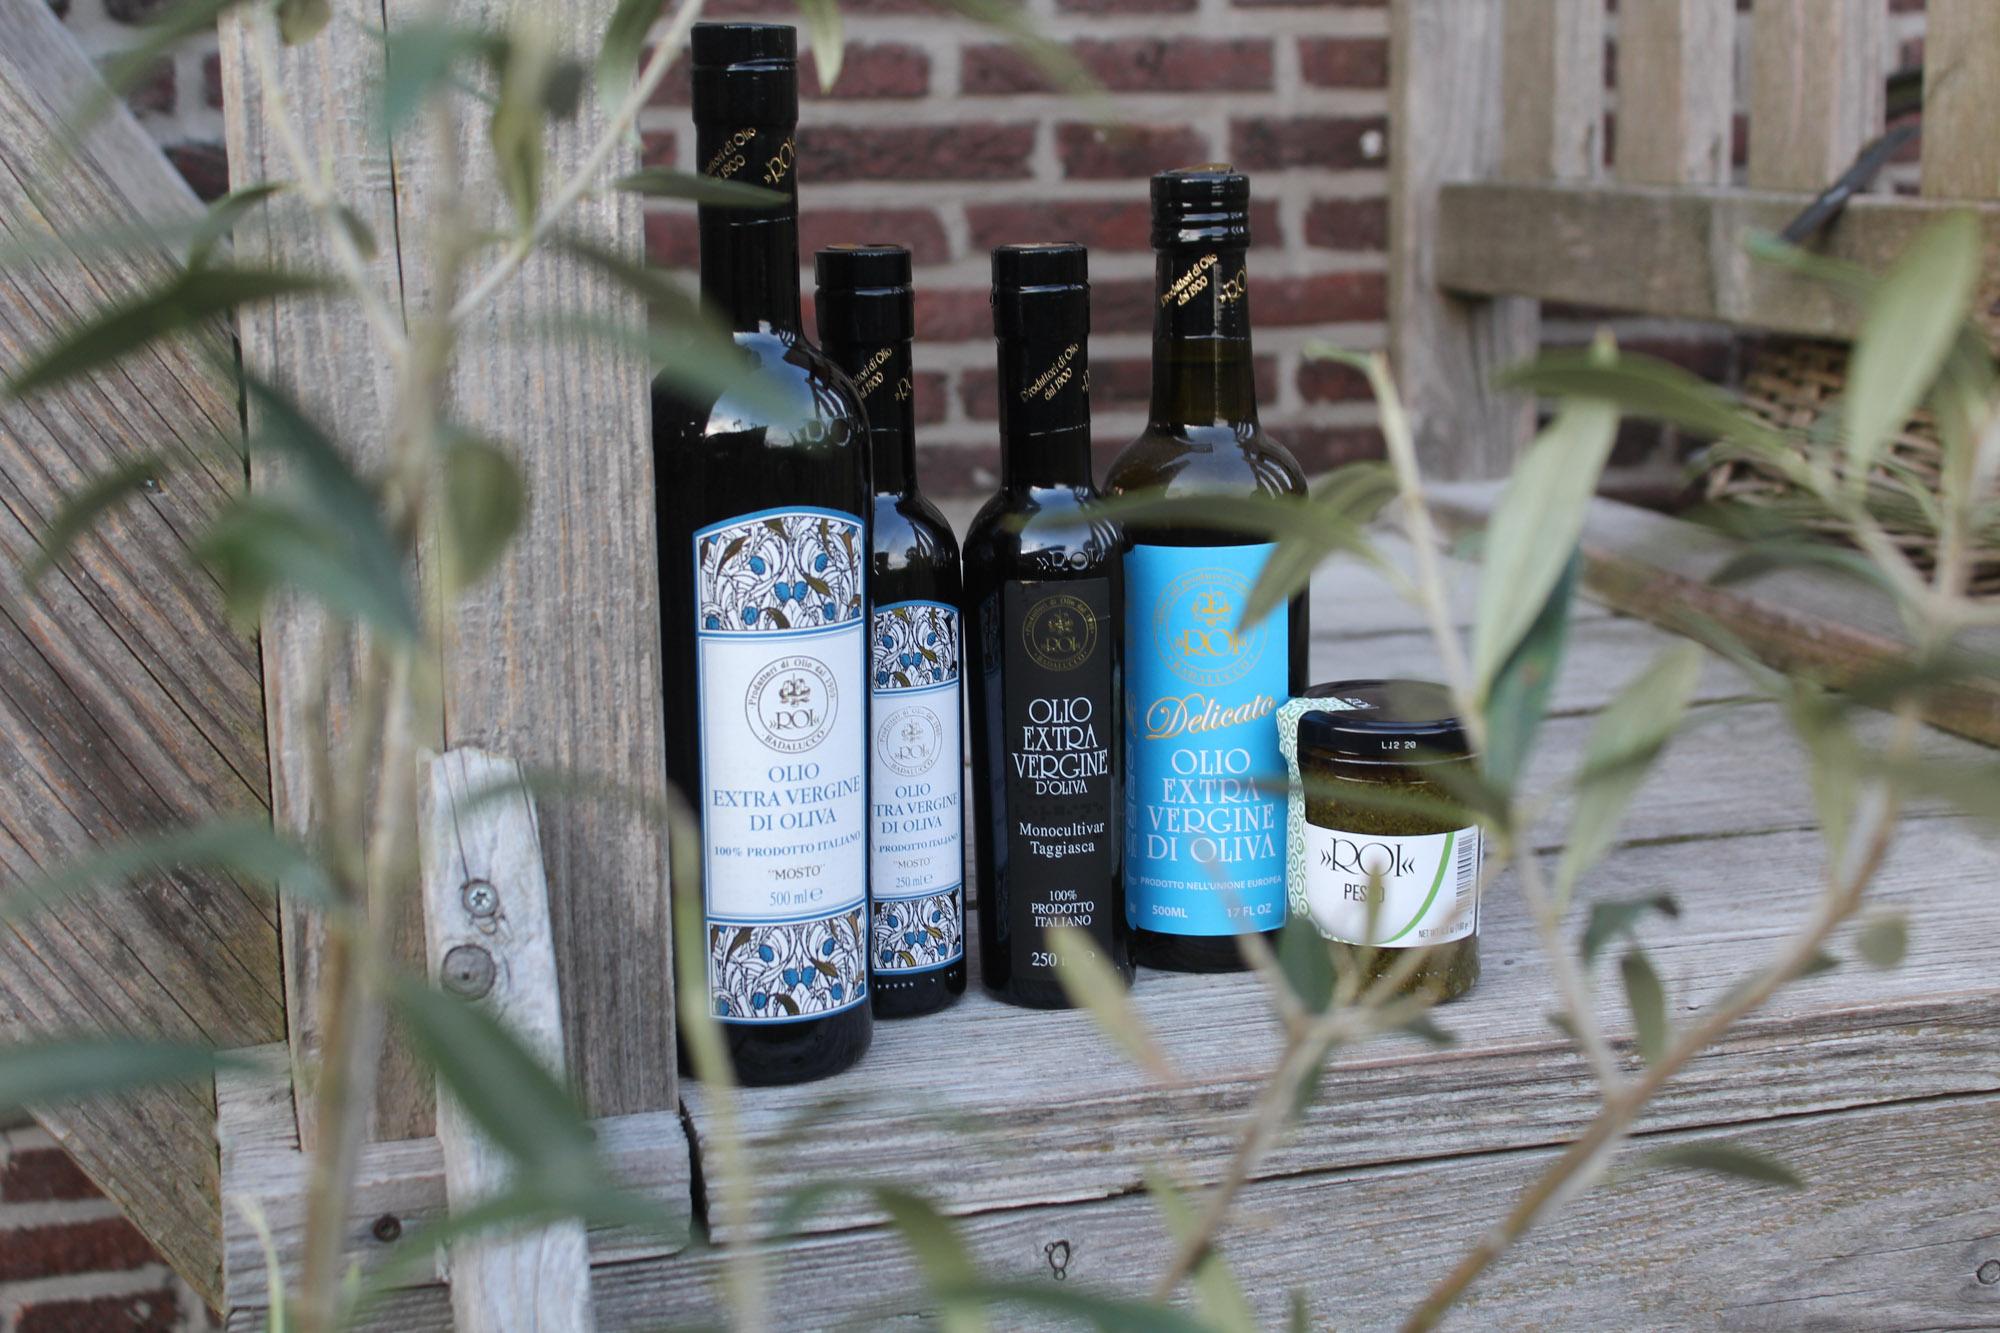 Italiaanse delicatessen Landrucci Werkhoven Kromme Rijnstreek